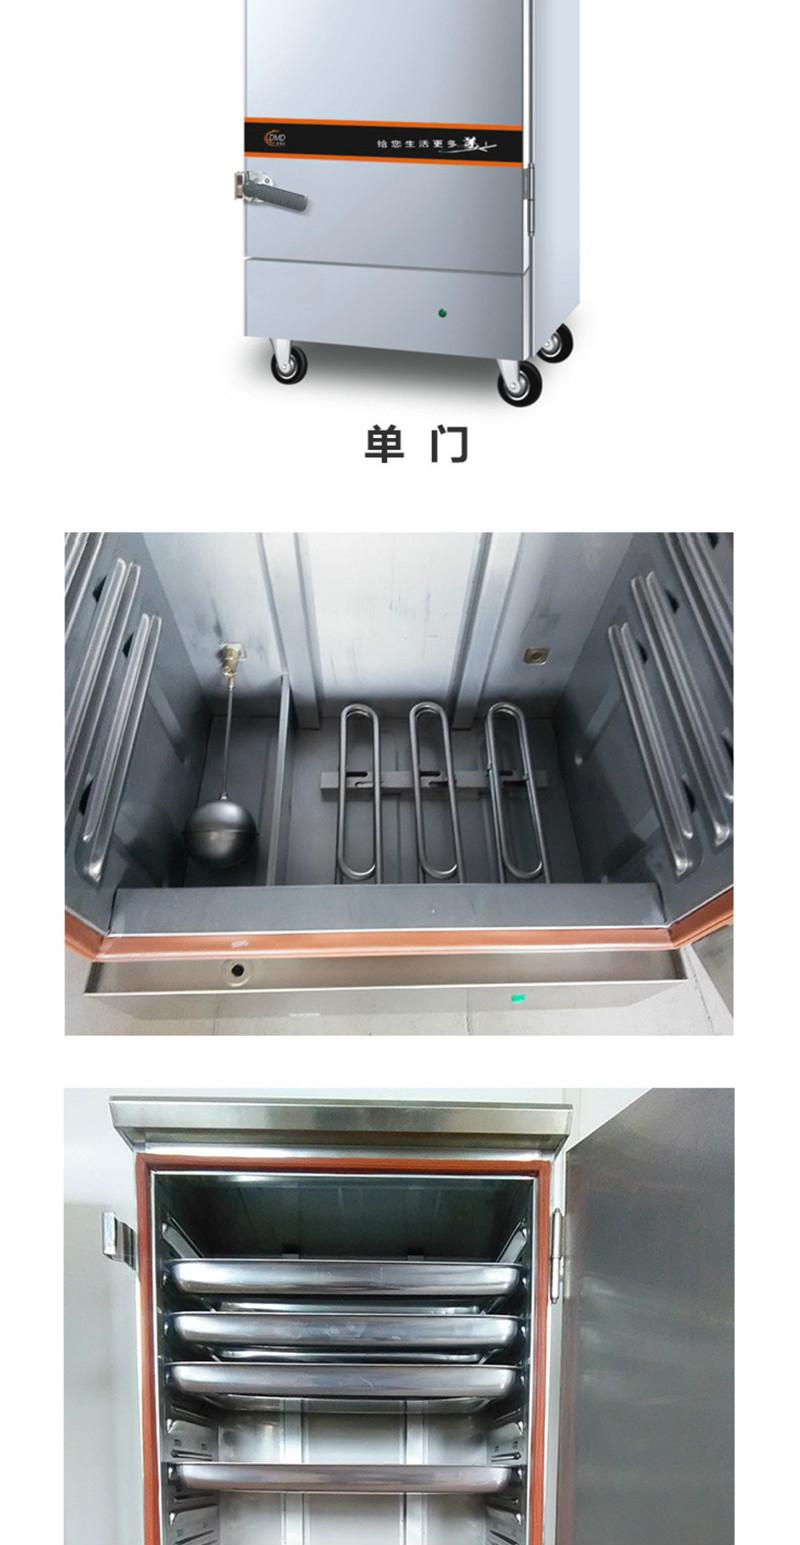 经济节能型电汽两用蒸饭柜内部